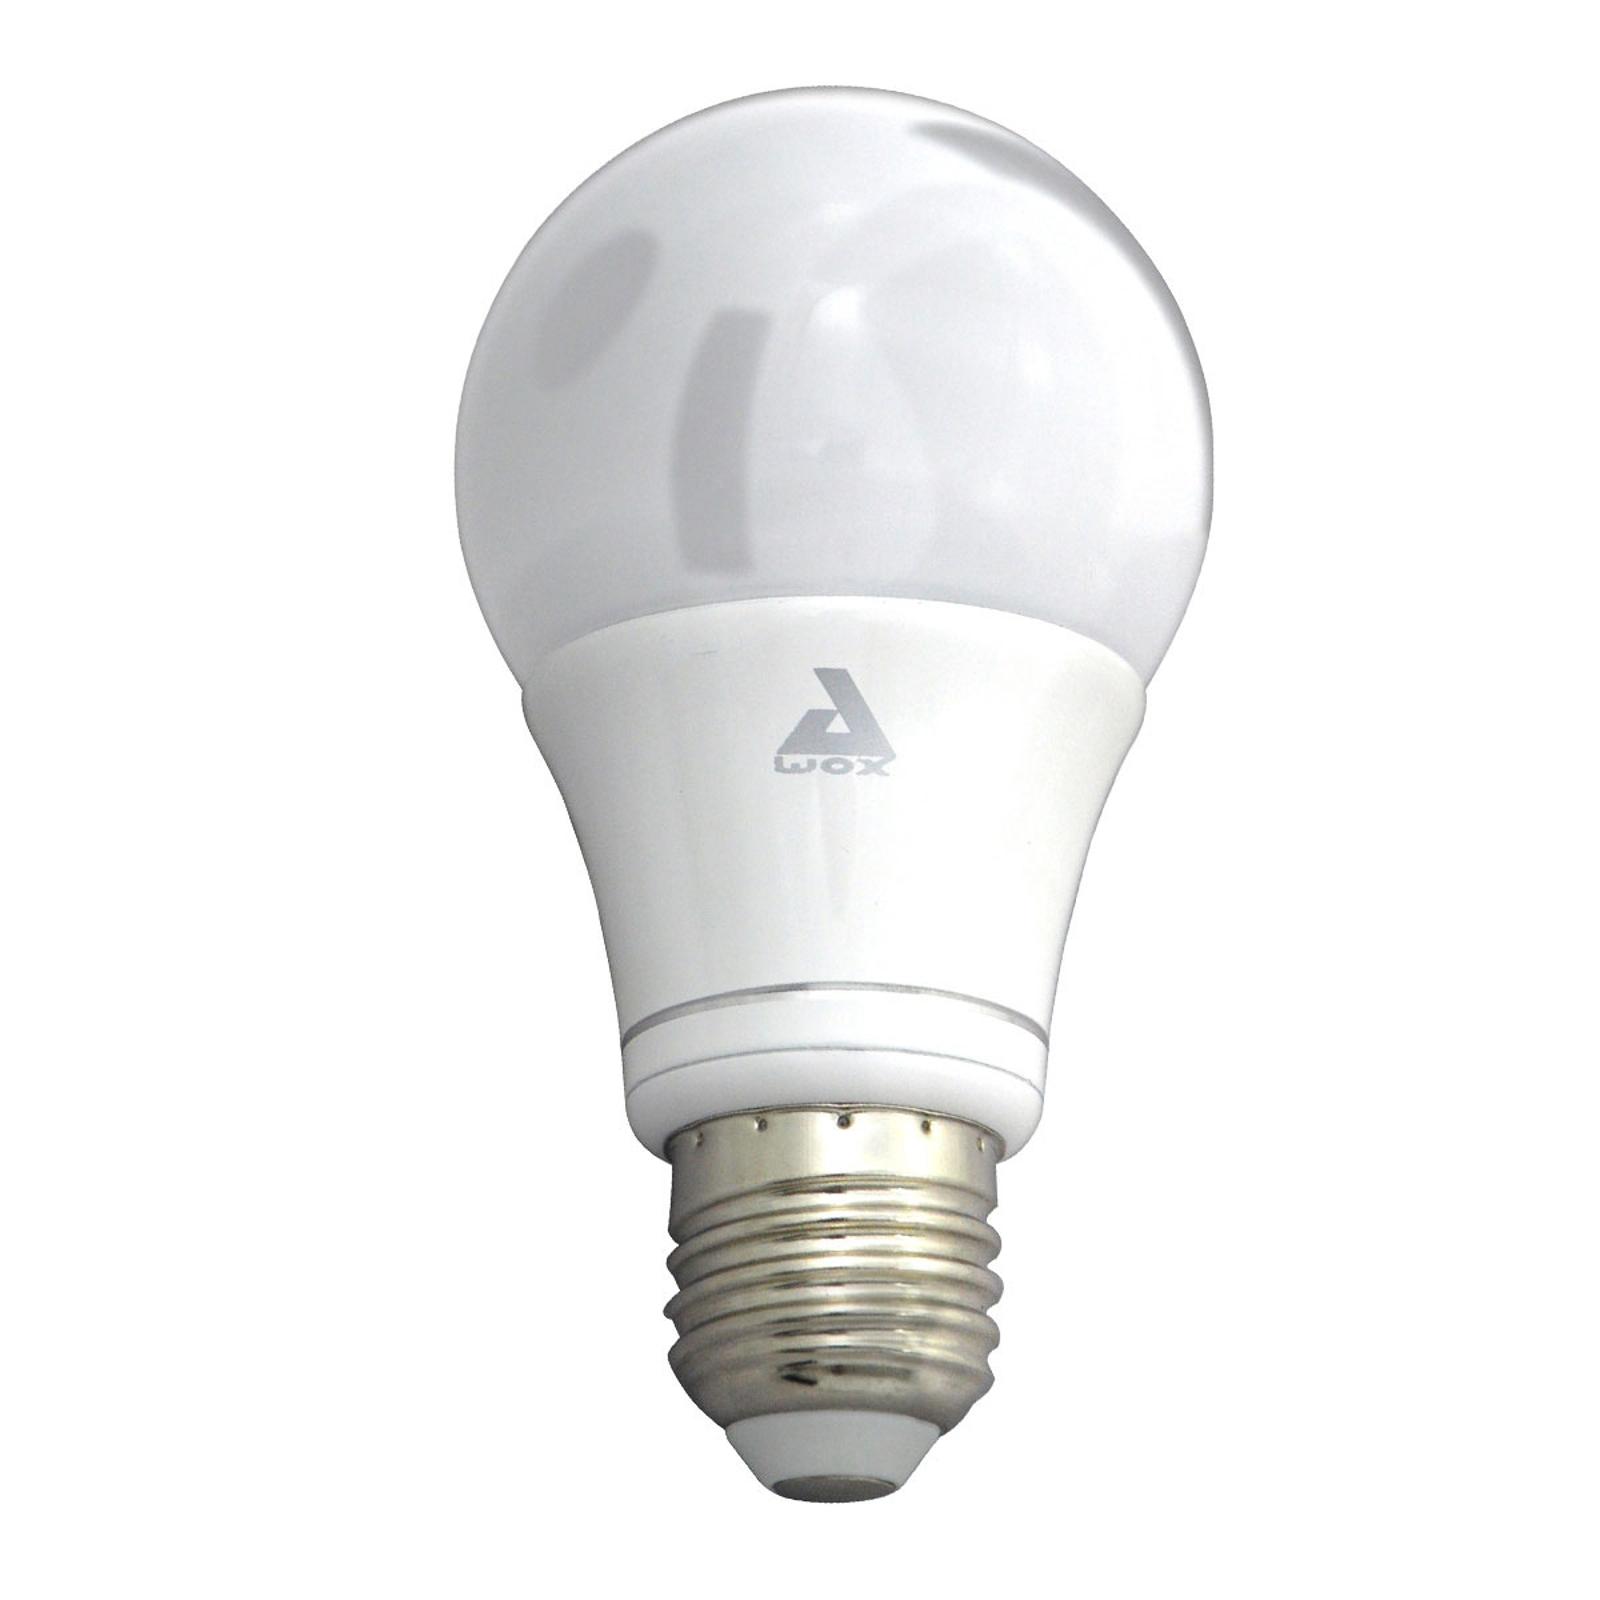 AwoX SmartLED-Lampe E27, 2700-6000 K 9W